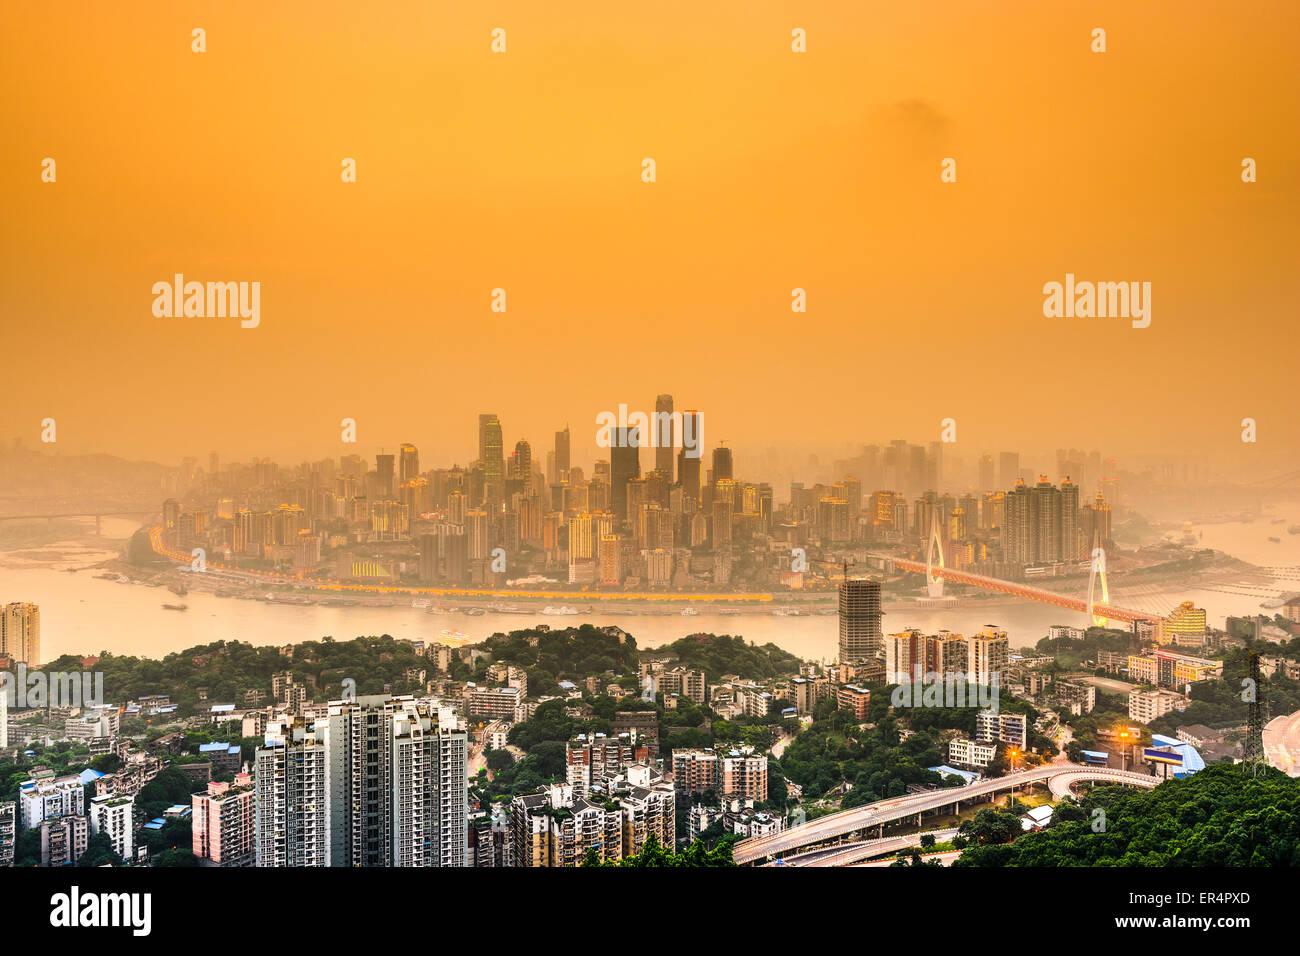 Chongqing, China cityscape. - Stock Image